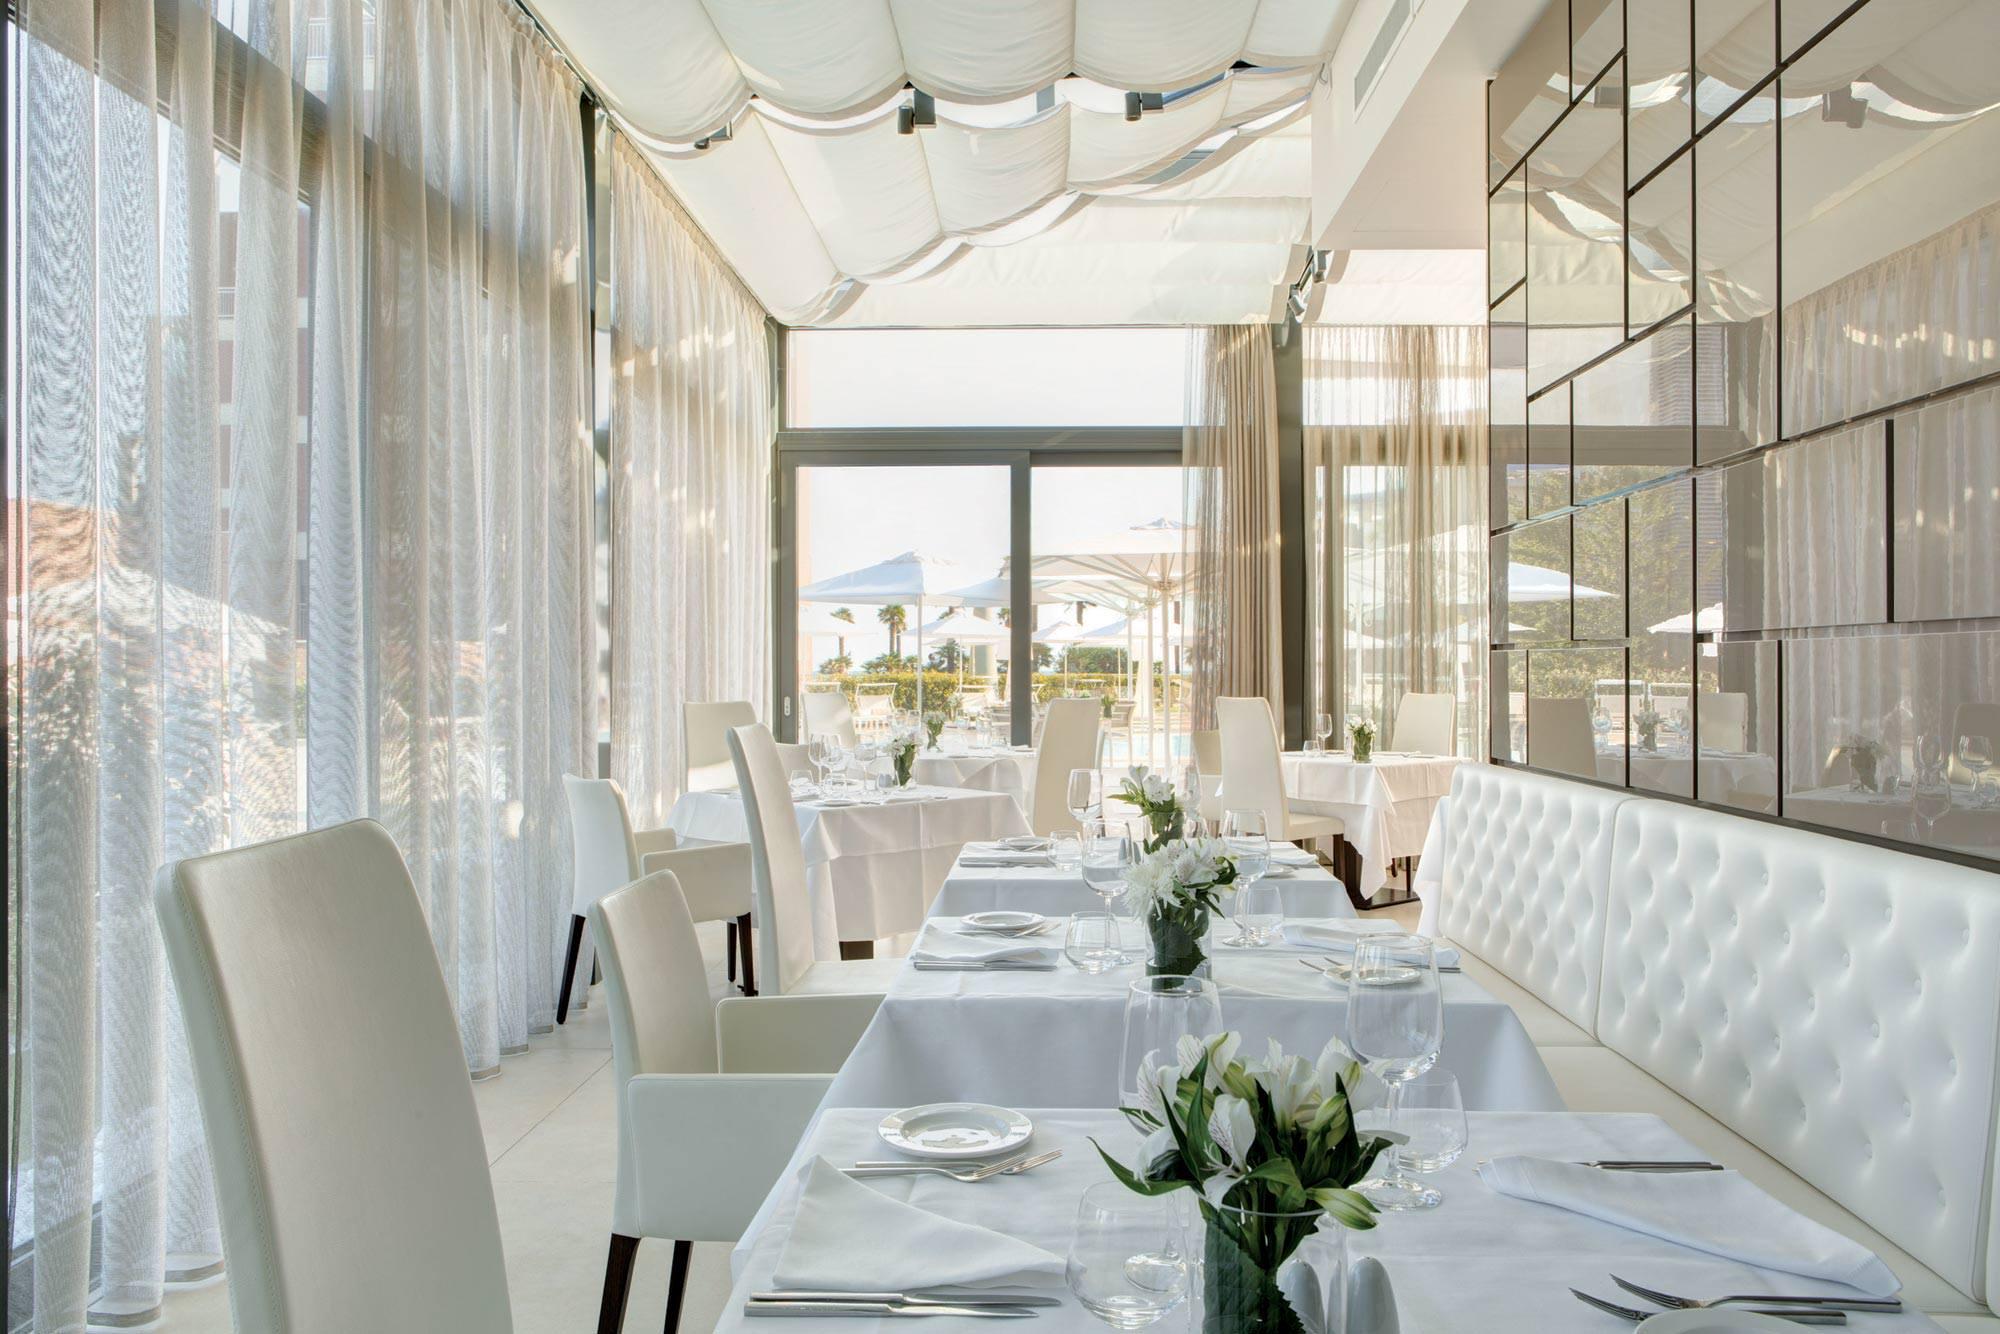 almar-jesolo_dining_mediterra-restaurant_detail